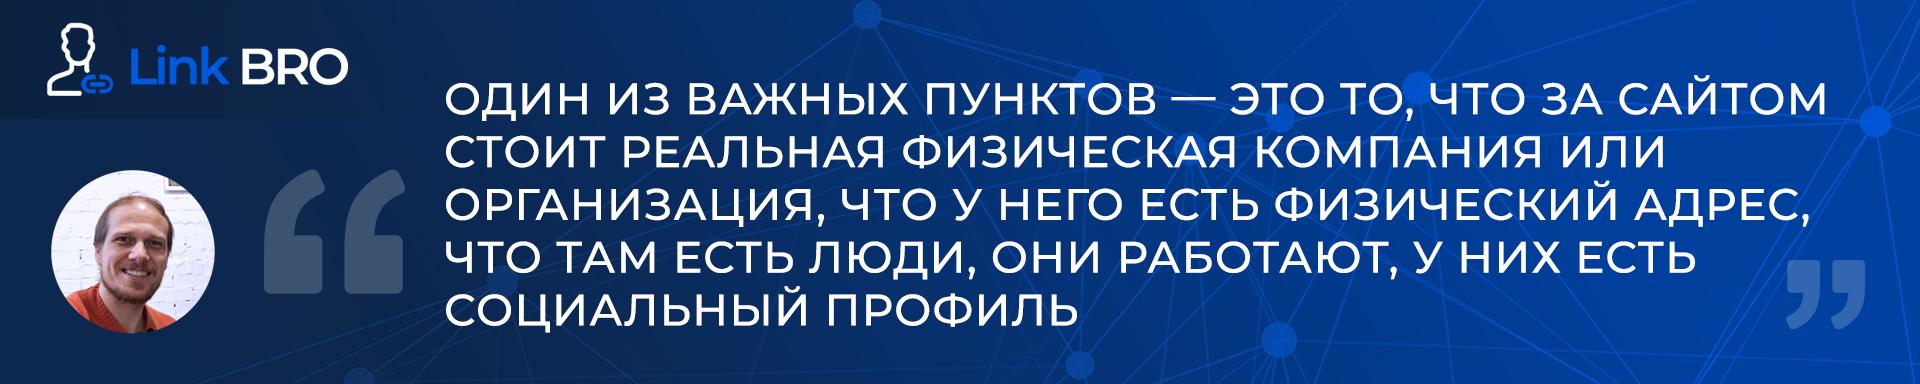 Сергей Кокшаров: Один из важных пунктов — это то, что за сайтом стоит реальная физическая компания или организация